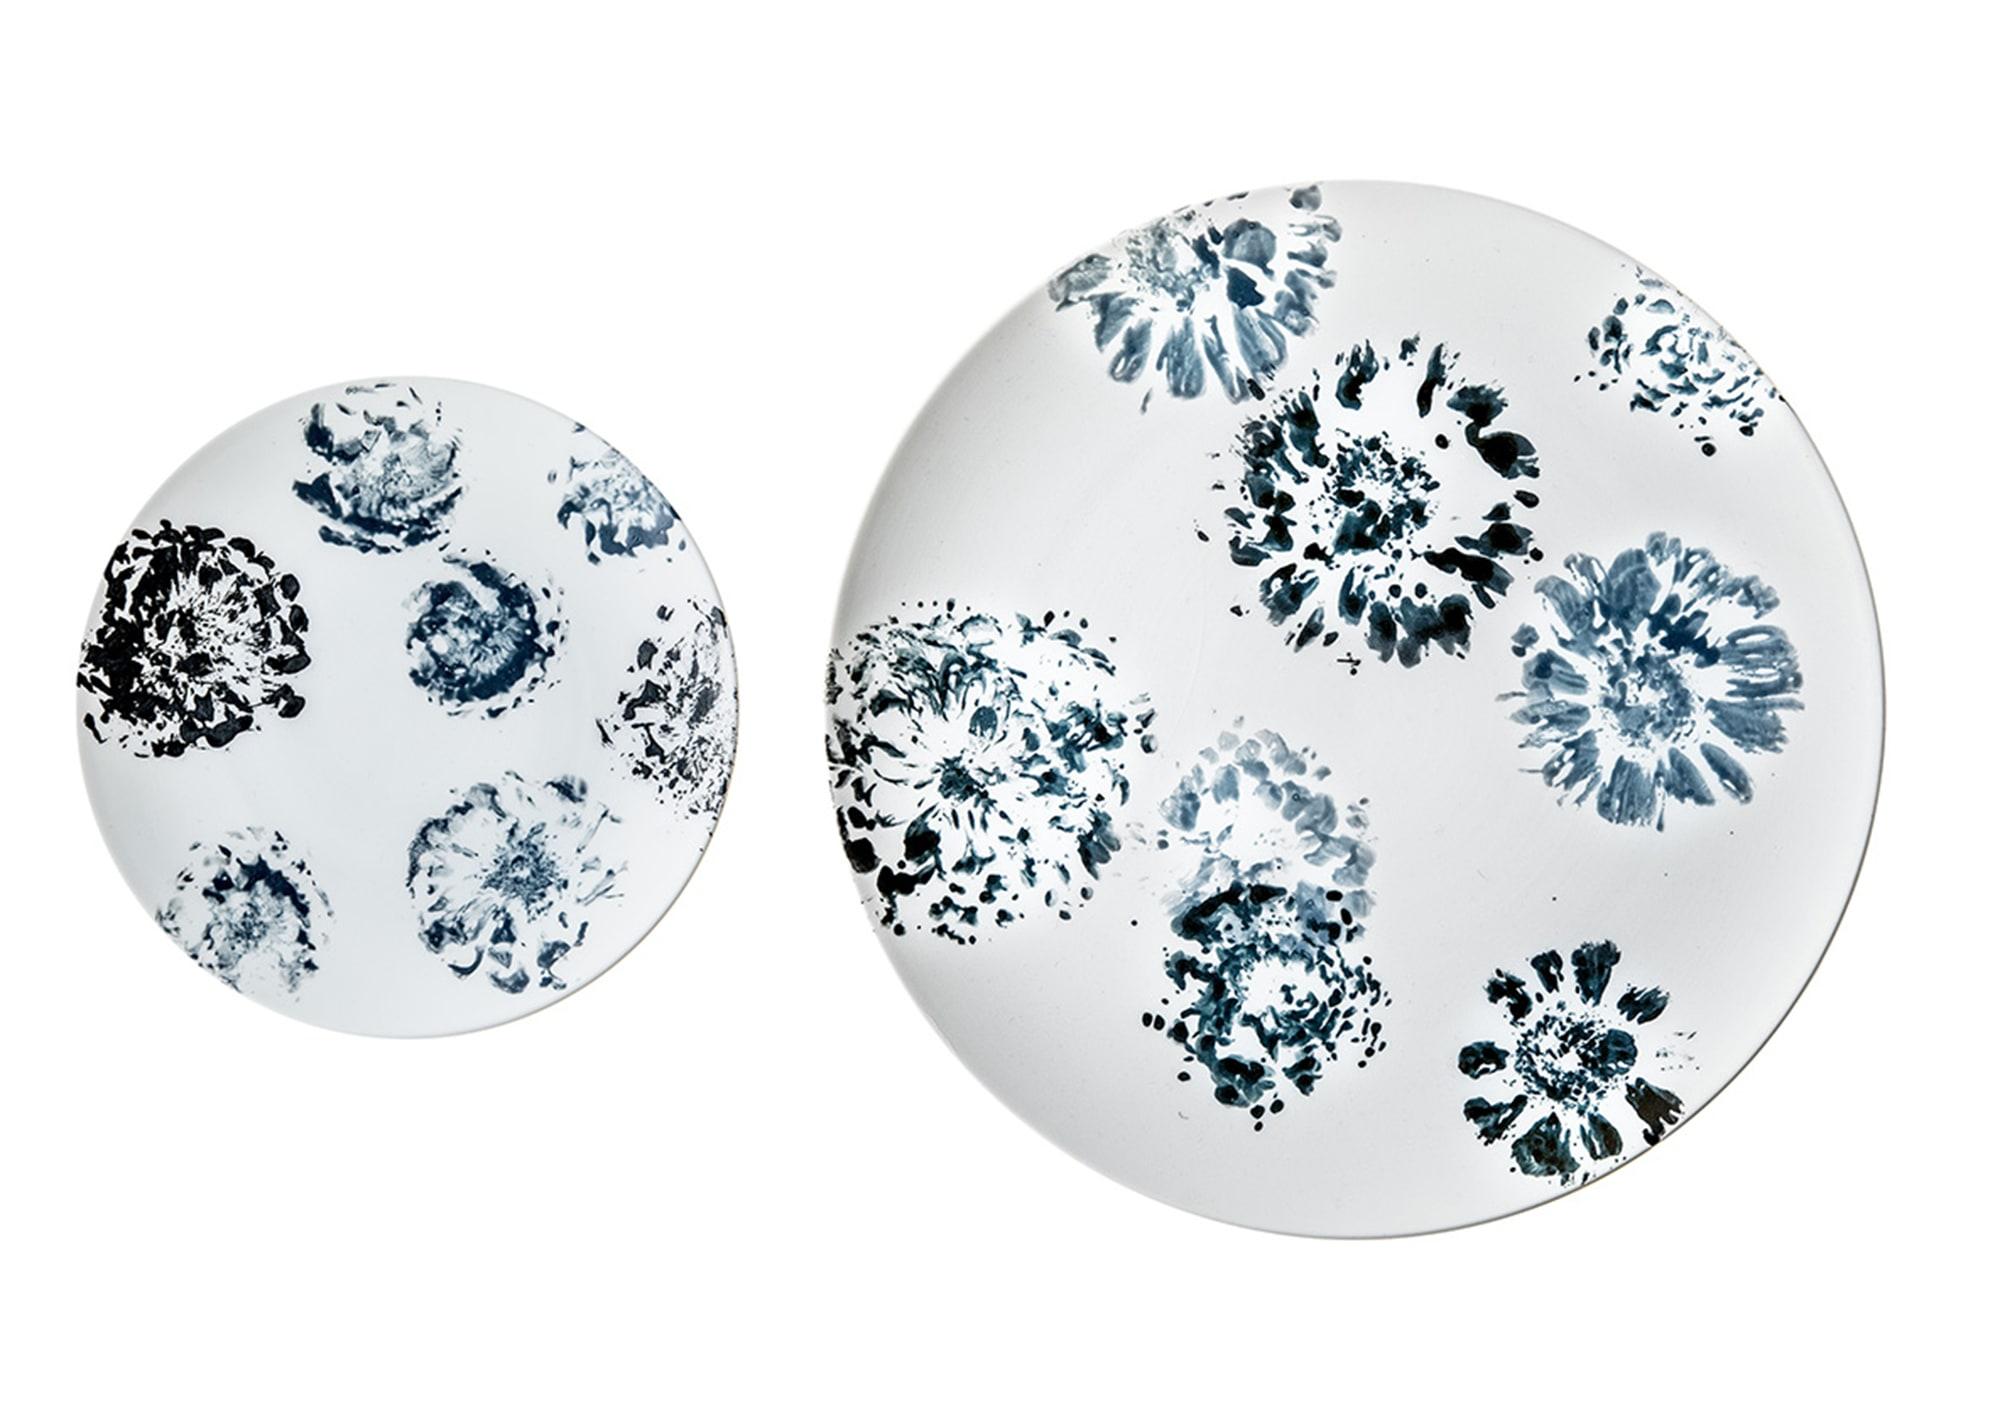 直径27㎝の「ジニアプレート 大」はディナープレートに、直径16.3㎝の「ジニアプレート 小」はデザートプレートに最適。